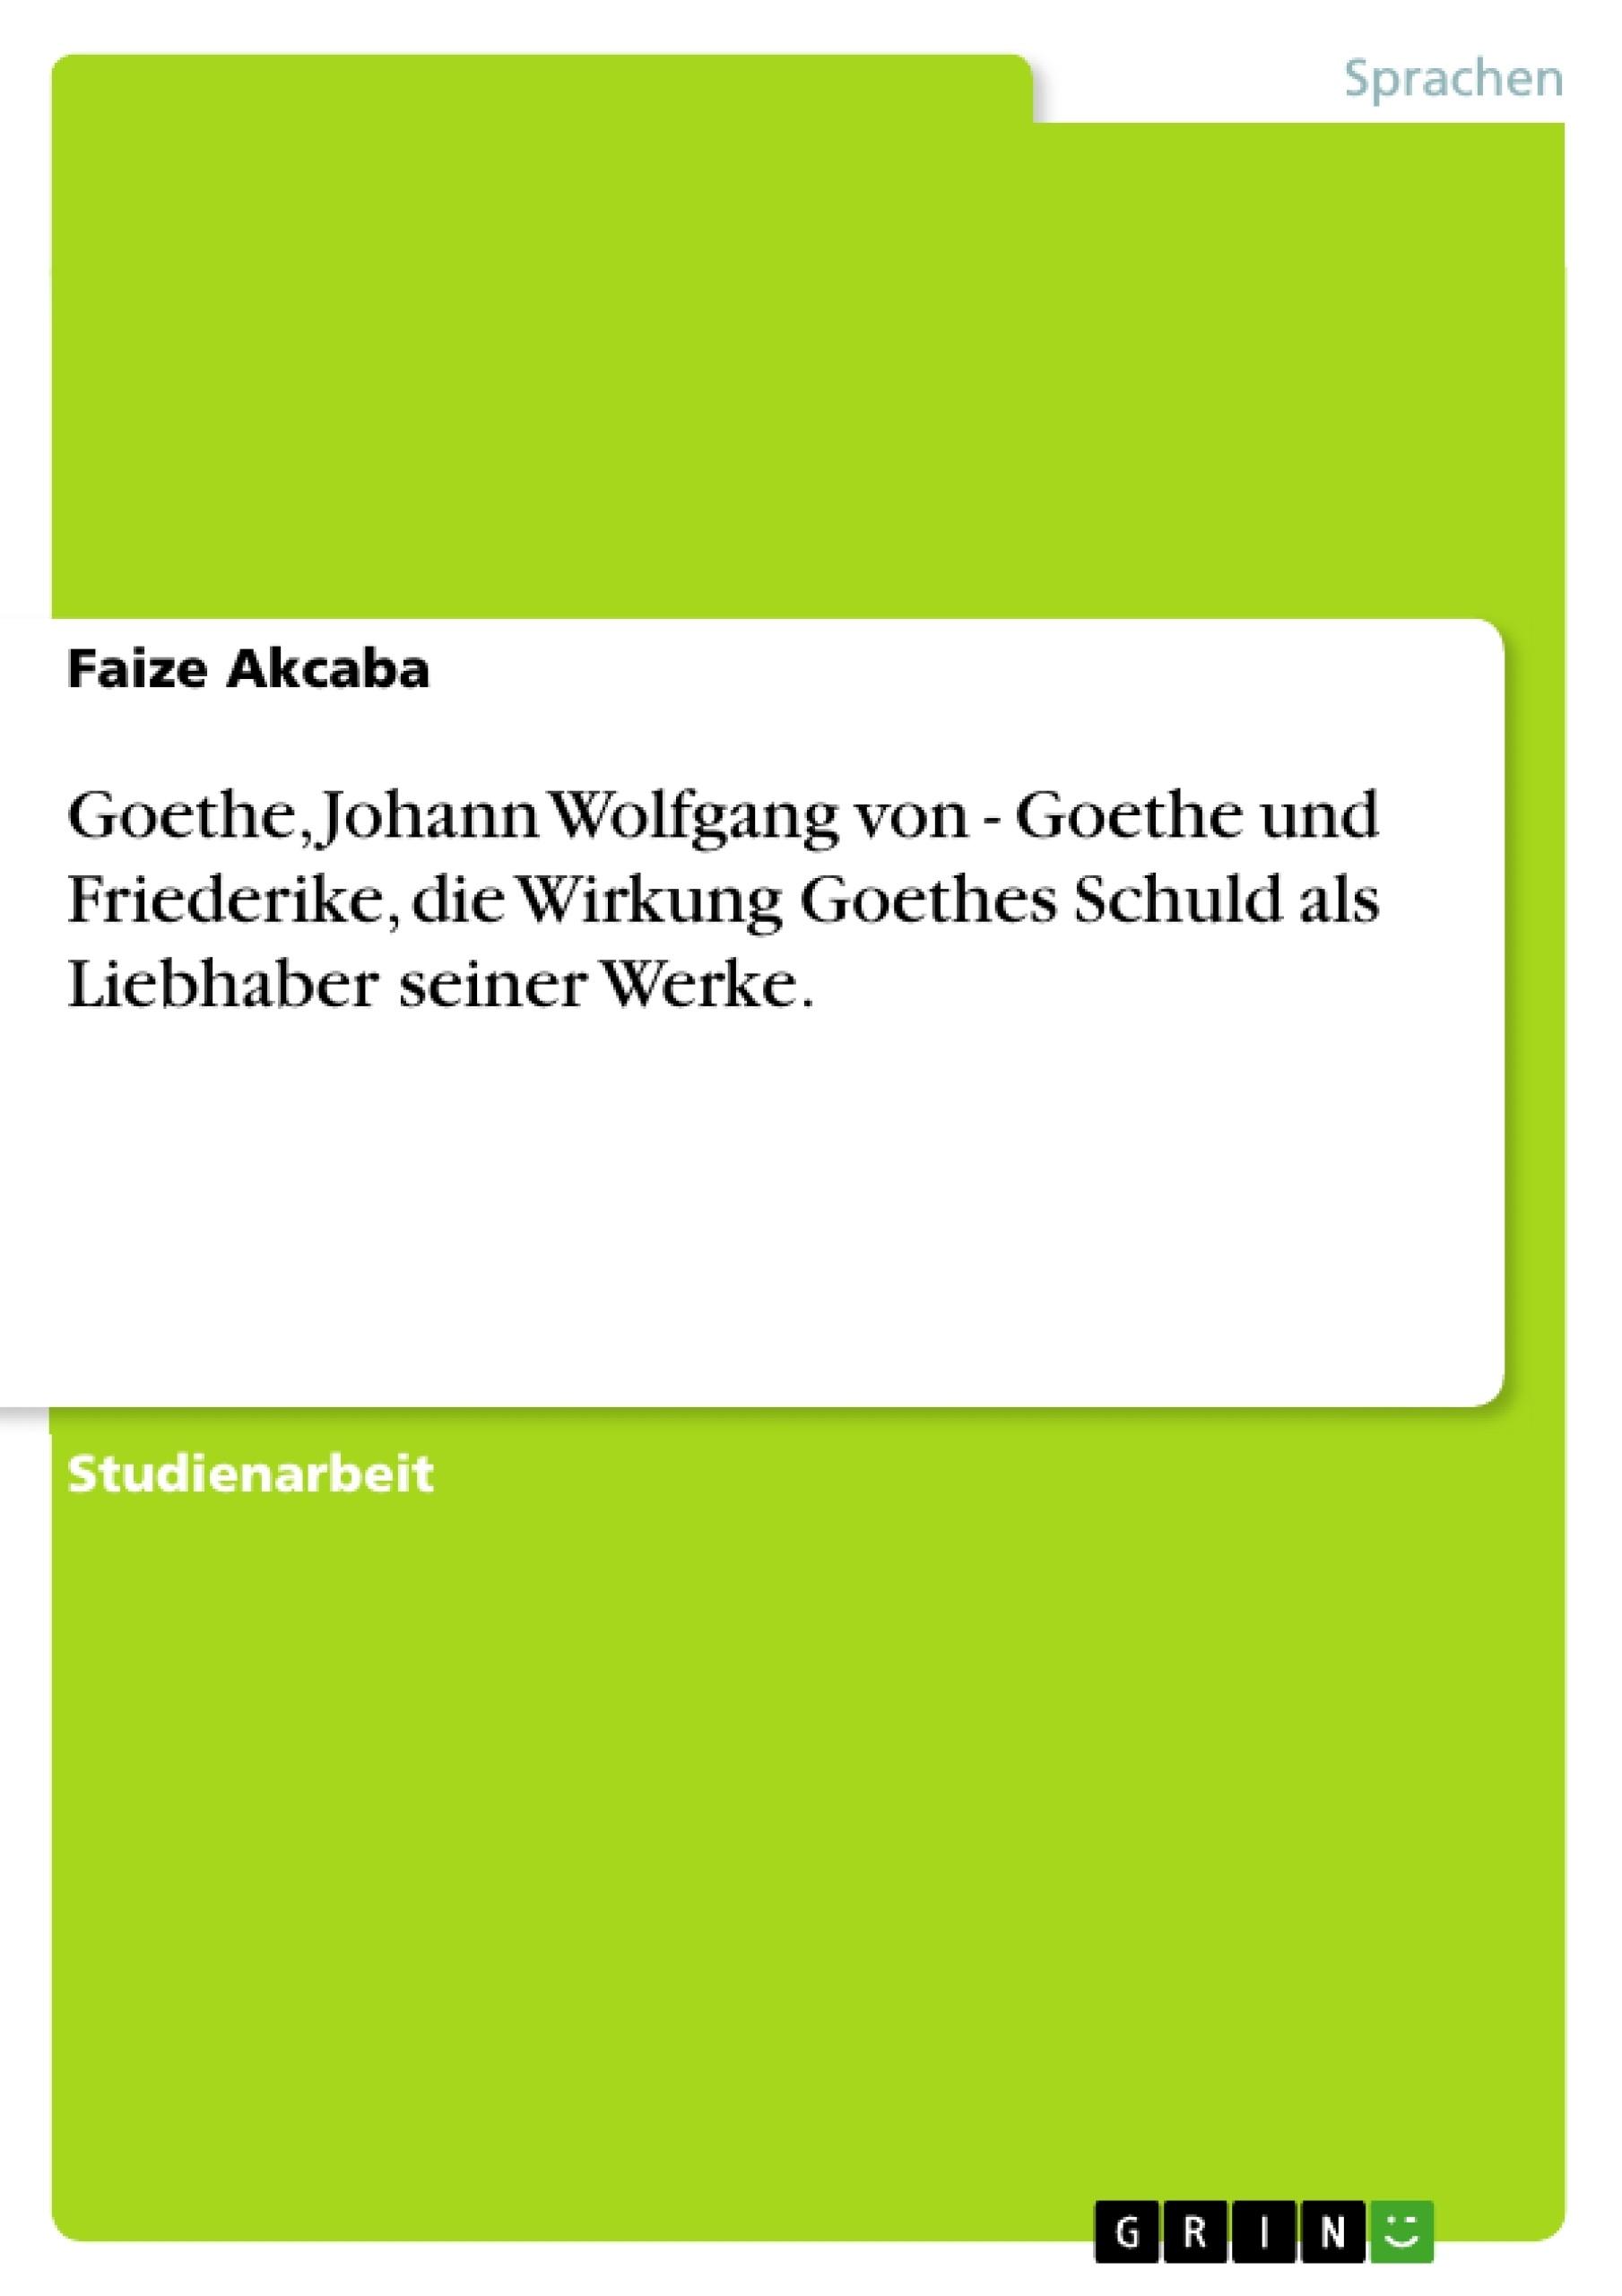 Titel: Goethe, Johann Wolfgang von - Goethe und Friederike, die Wirkung Goethes Schuld als Liebhaber seiner Werke.